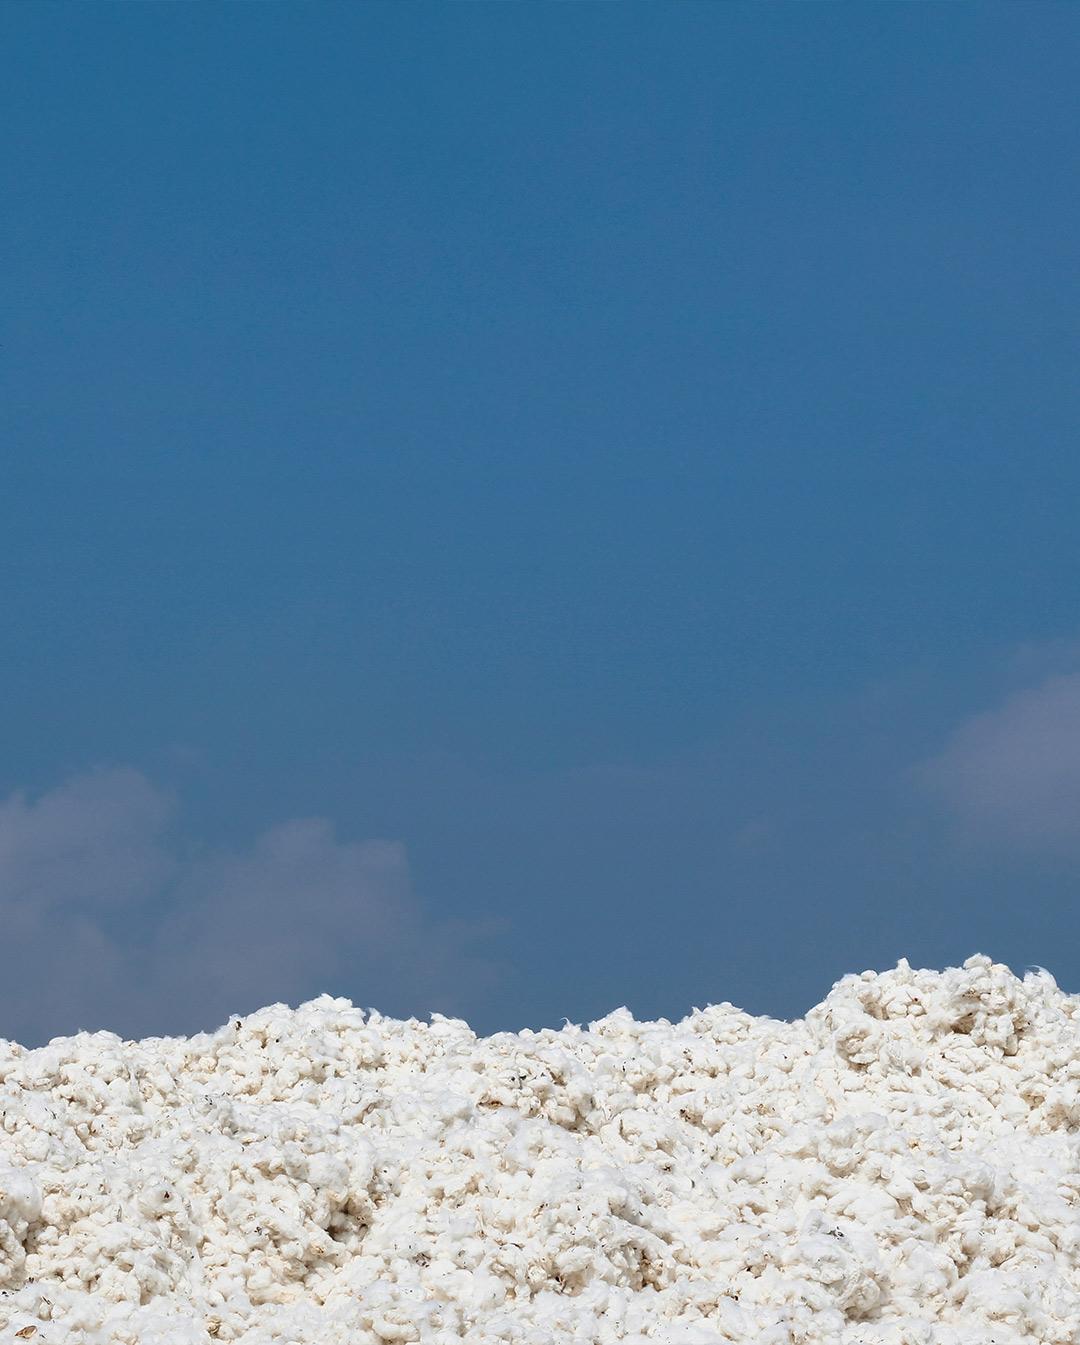 supplycompass-cotton-mound-everpress-blog